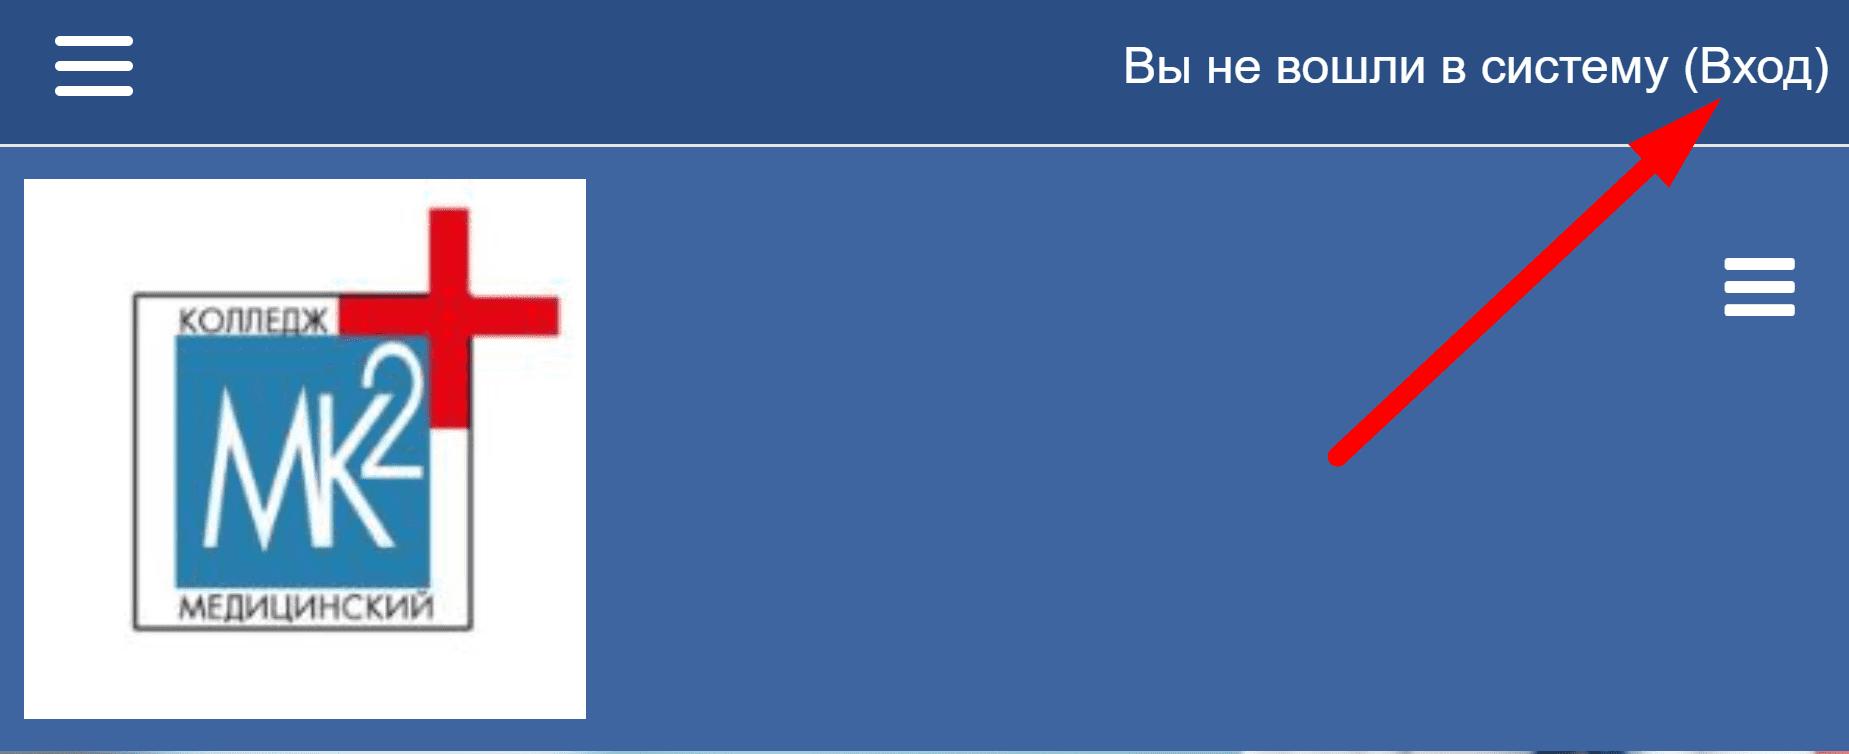 Ссылка на официальный сайт ГБПОУ ДЗМ «Медицинский колледж № 2»